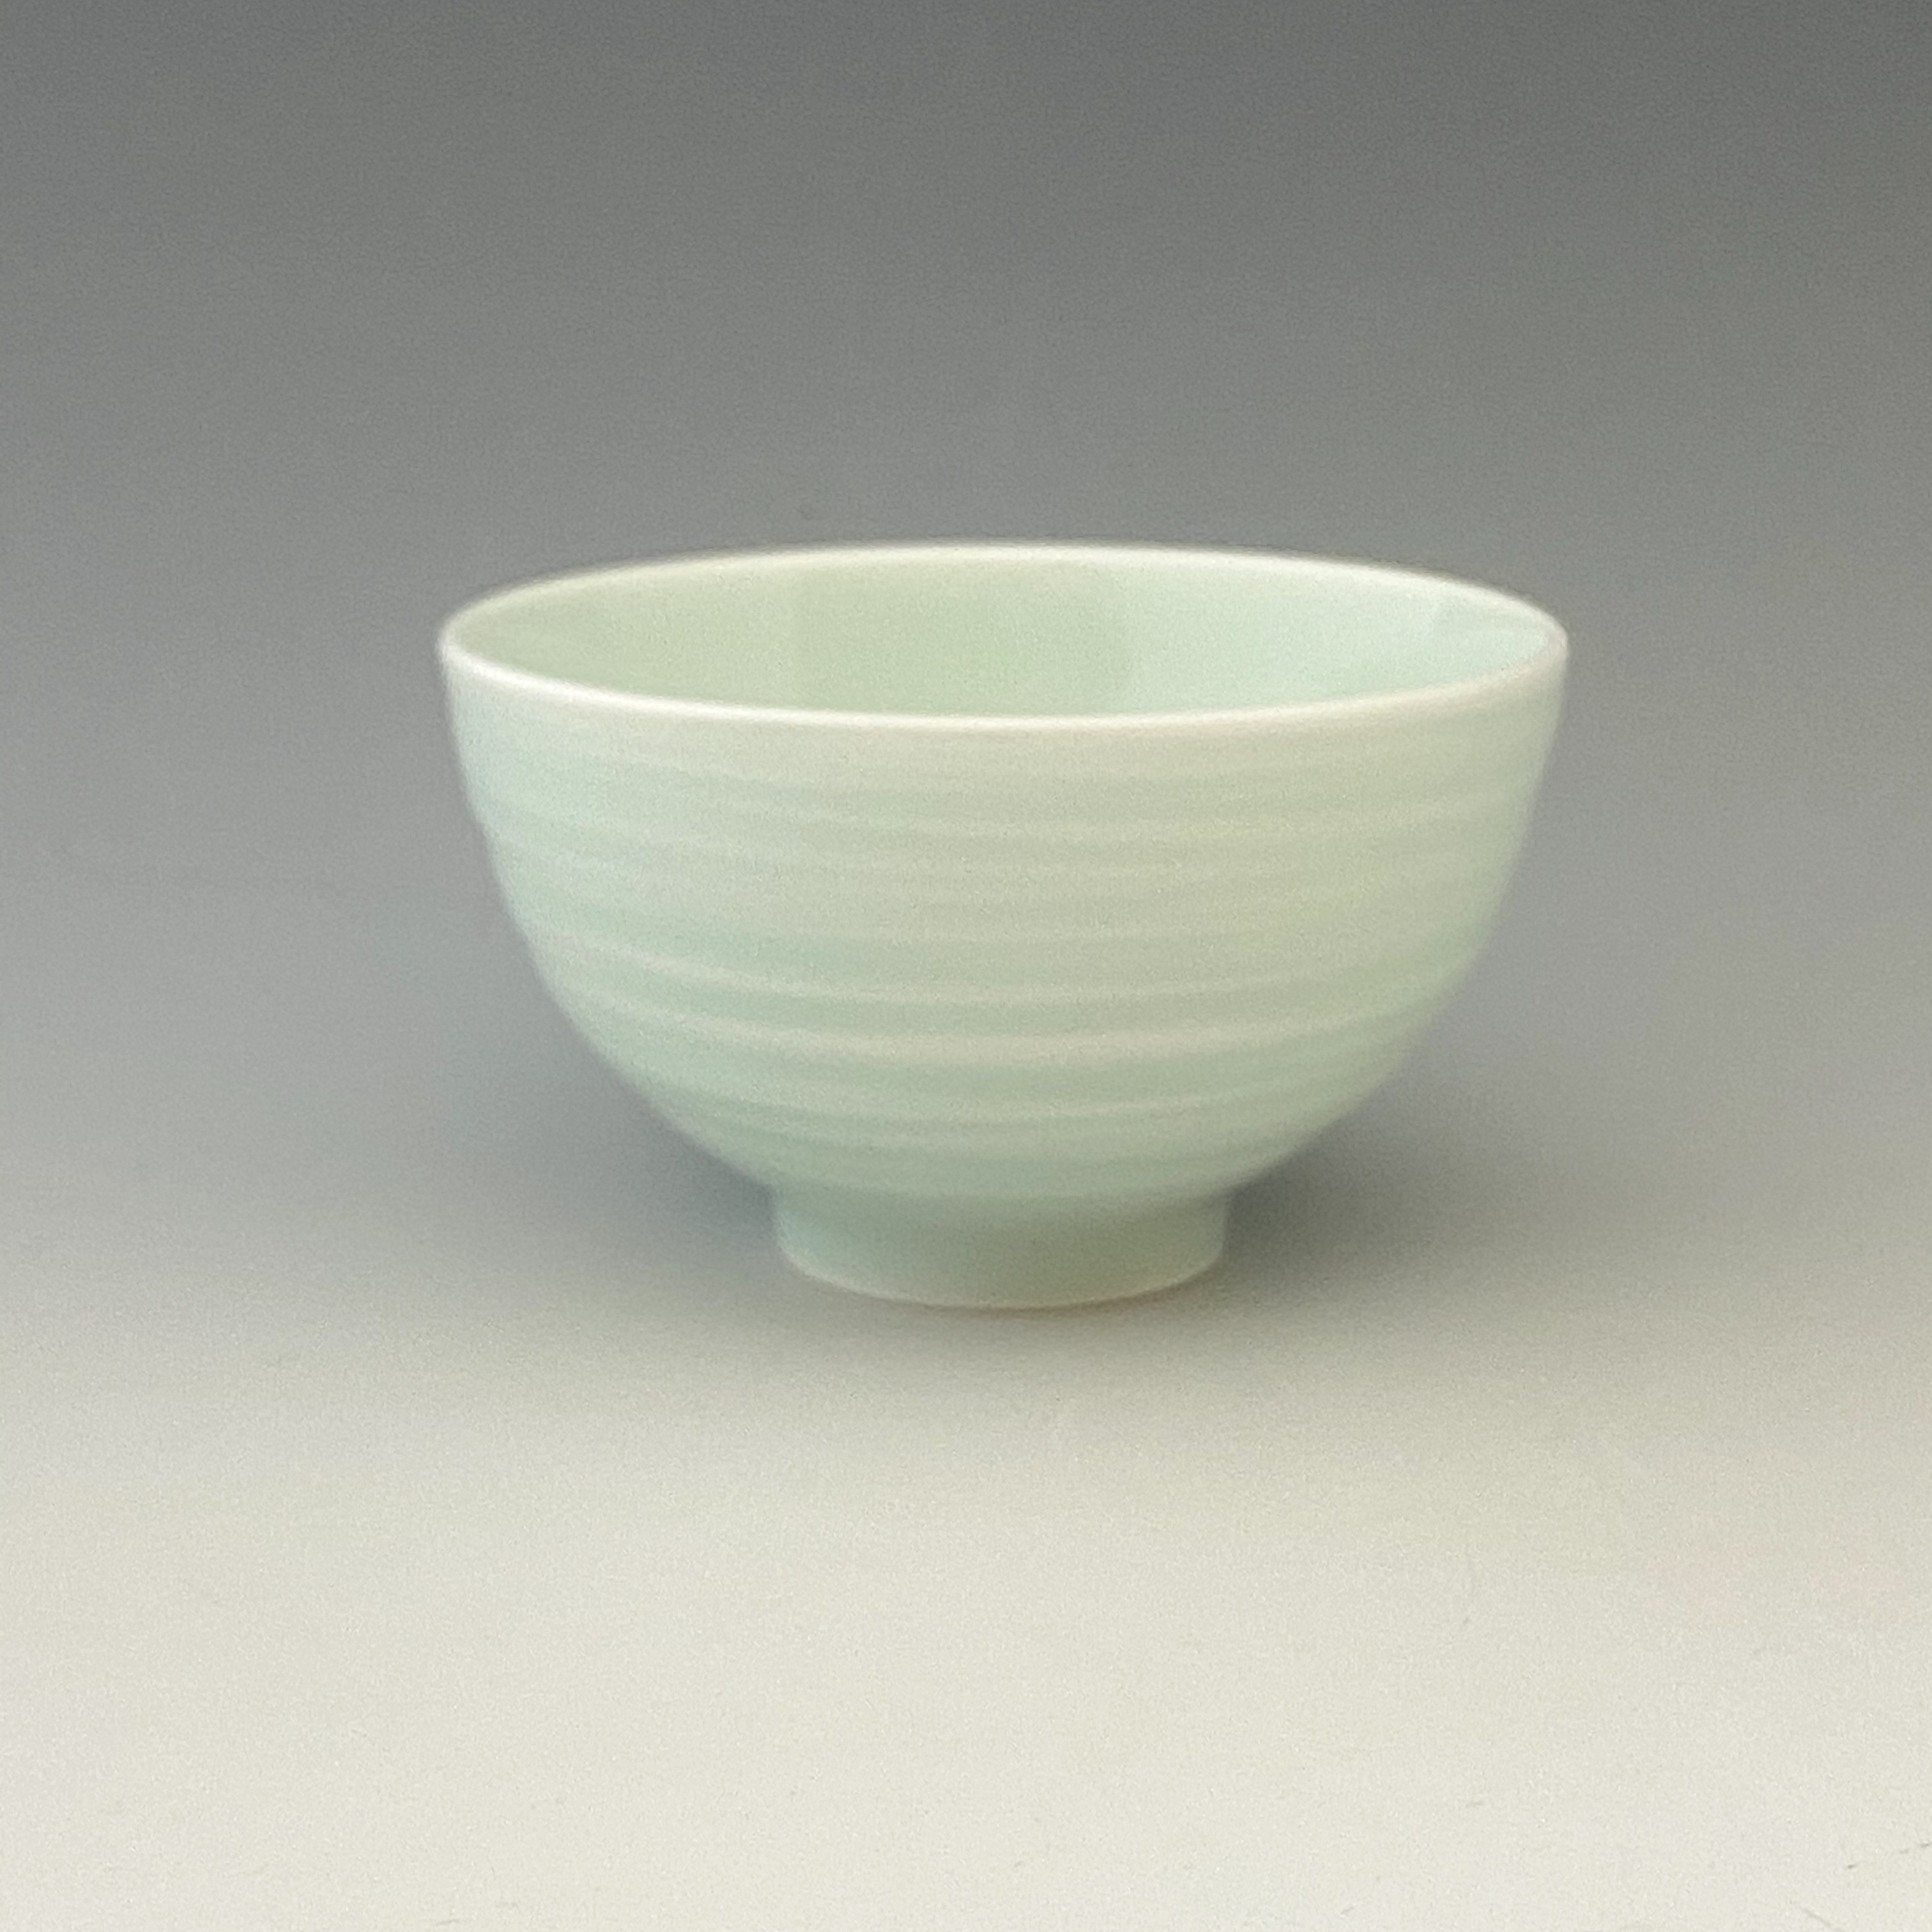 【中尾純】青白磁線彫碗(小)